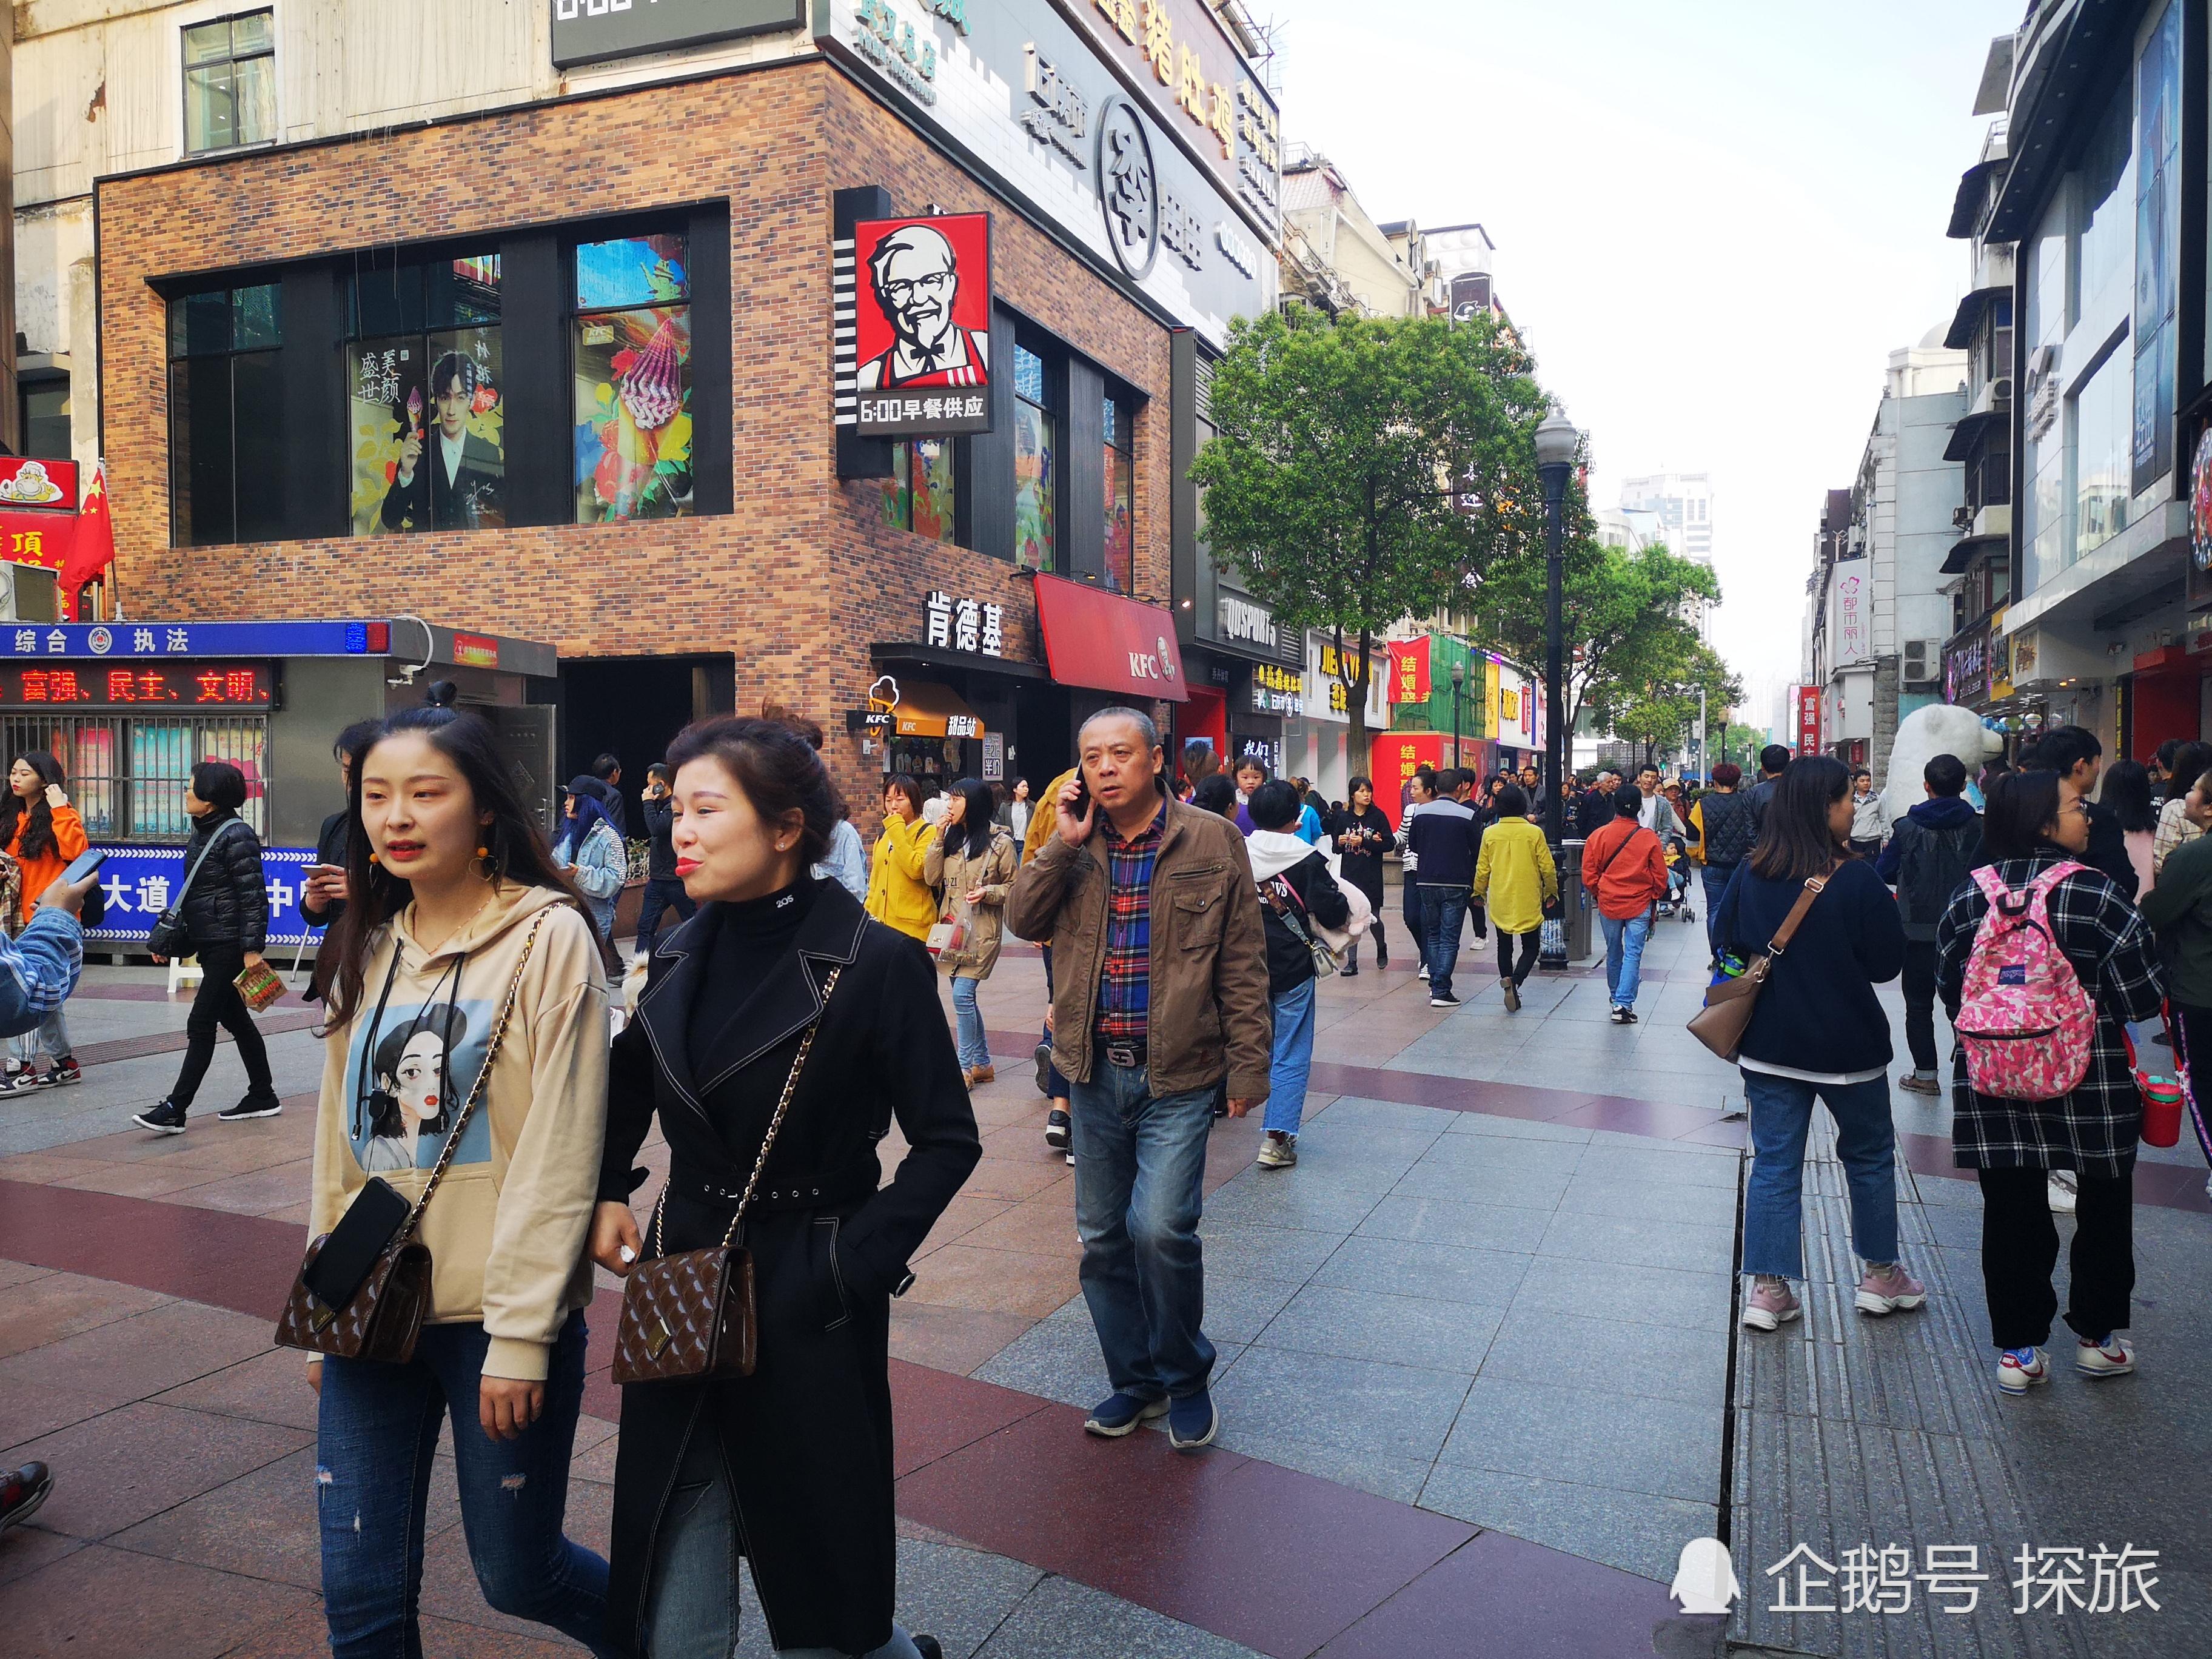 今天上热搜的10大省会城市,武汉排名第1,南昌和南宁上榜